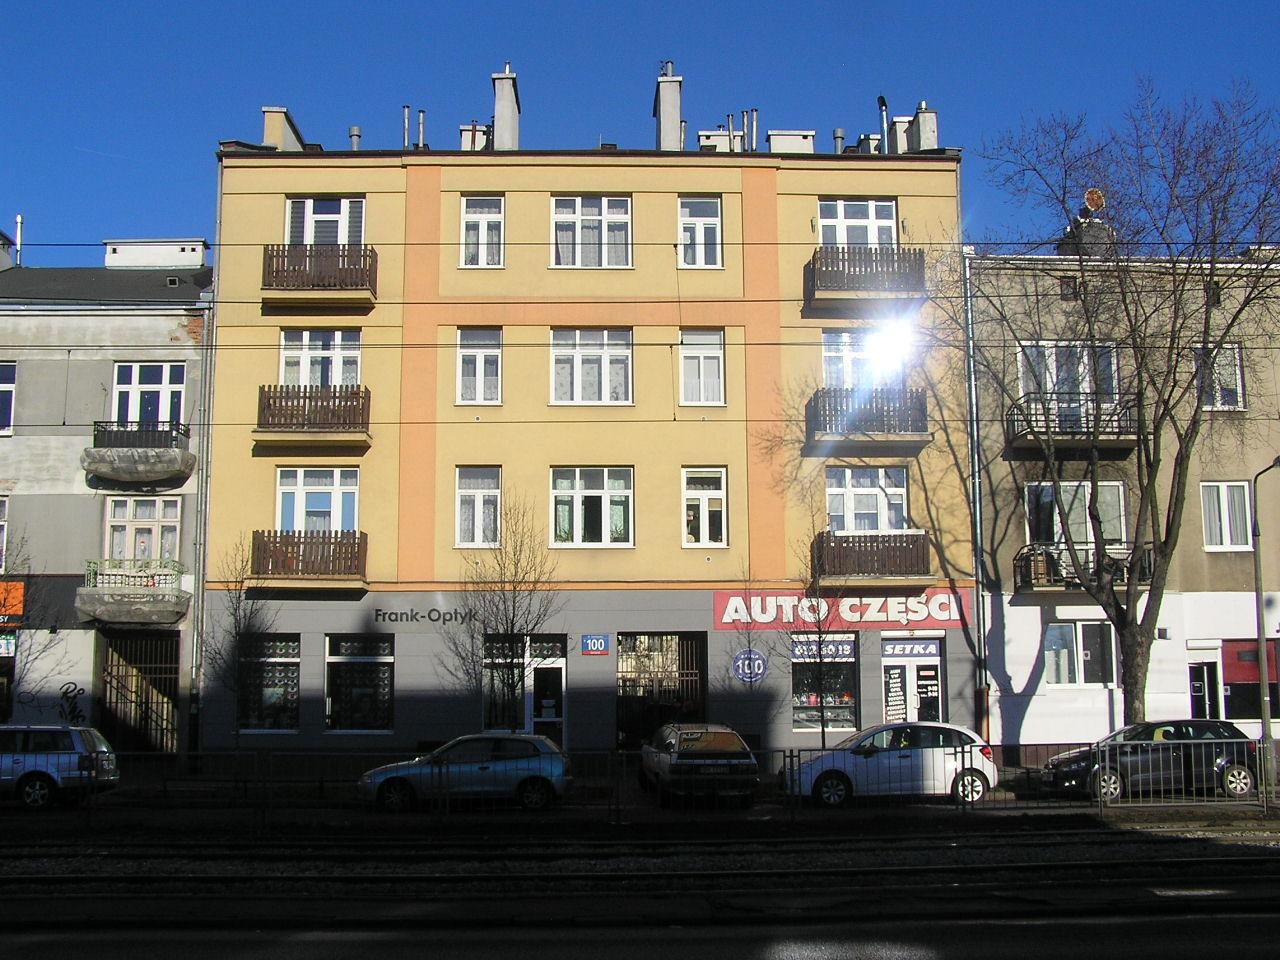 Kamienica przy ulicy Grochowskiej 100 na Grochowie